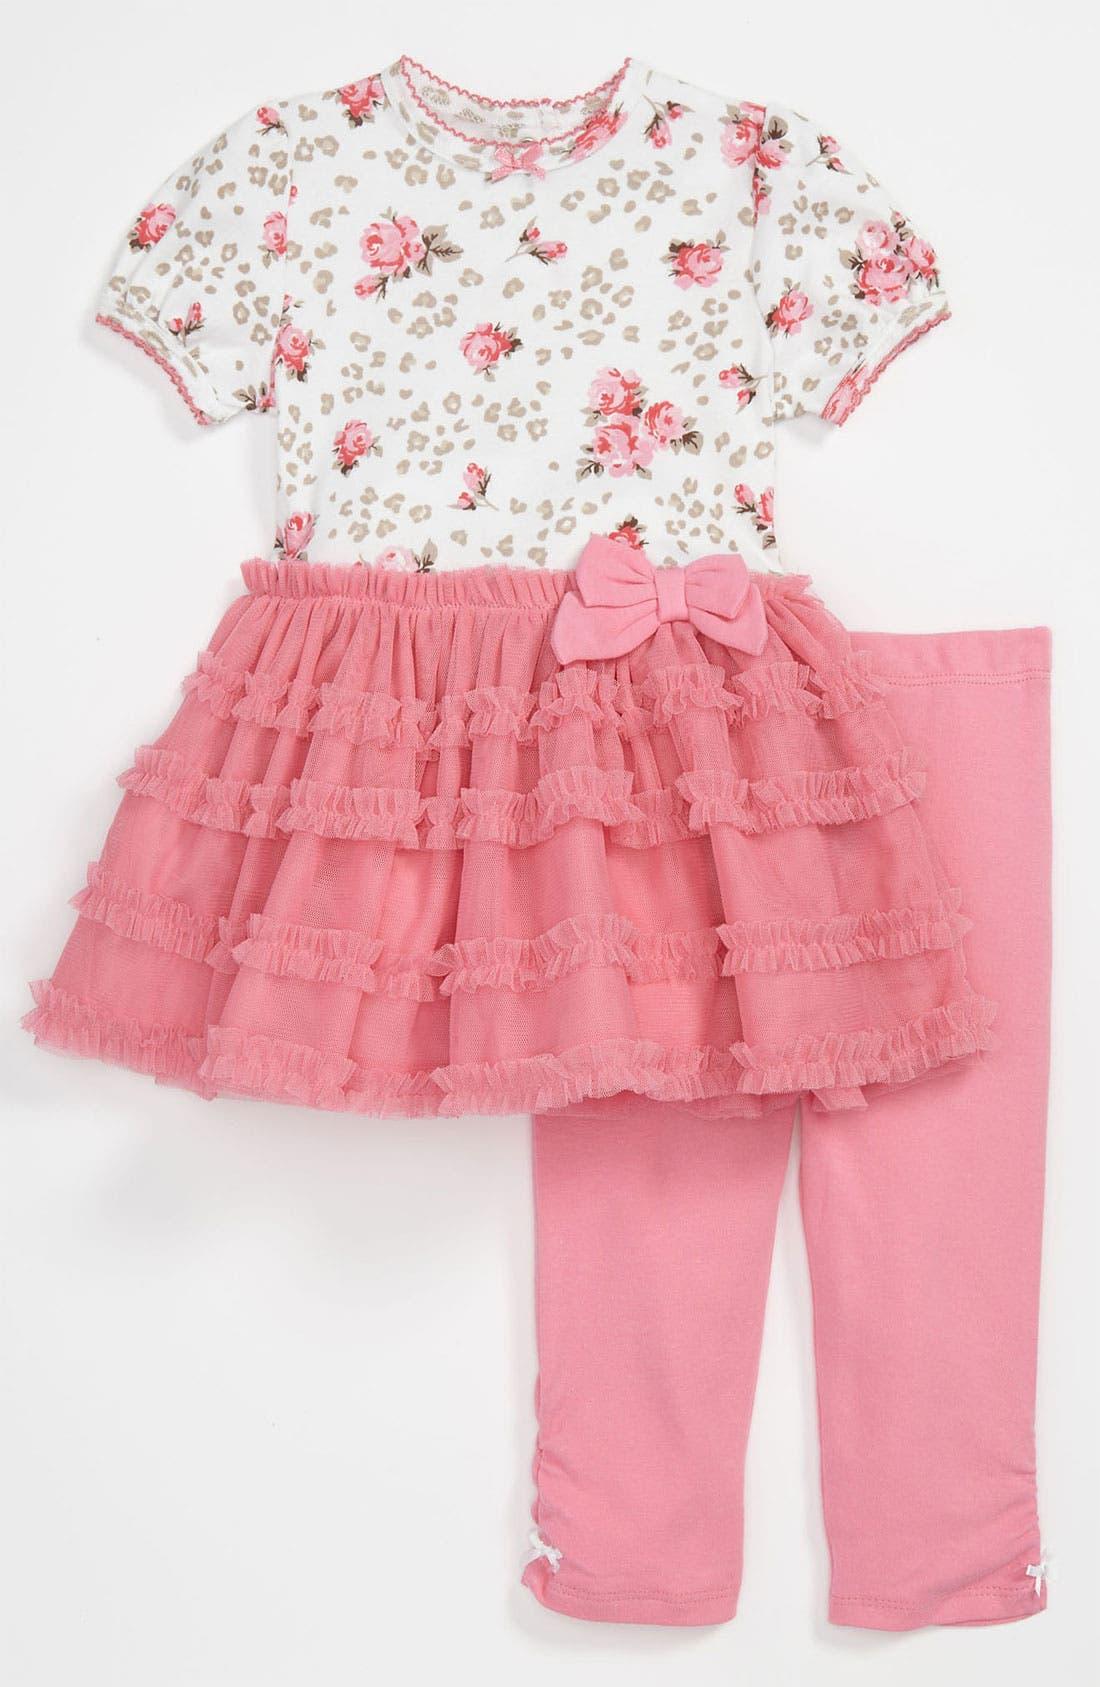 Alternate Image 1 Selected - Little Me 'Leopard Rose' Dress & Leggings (Infant)